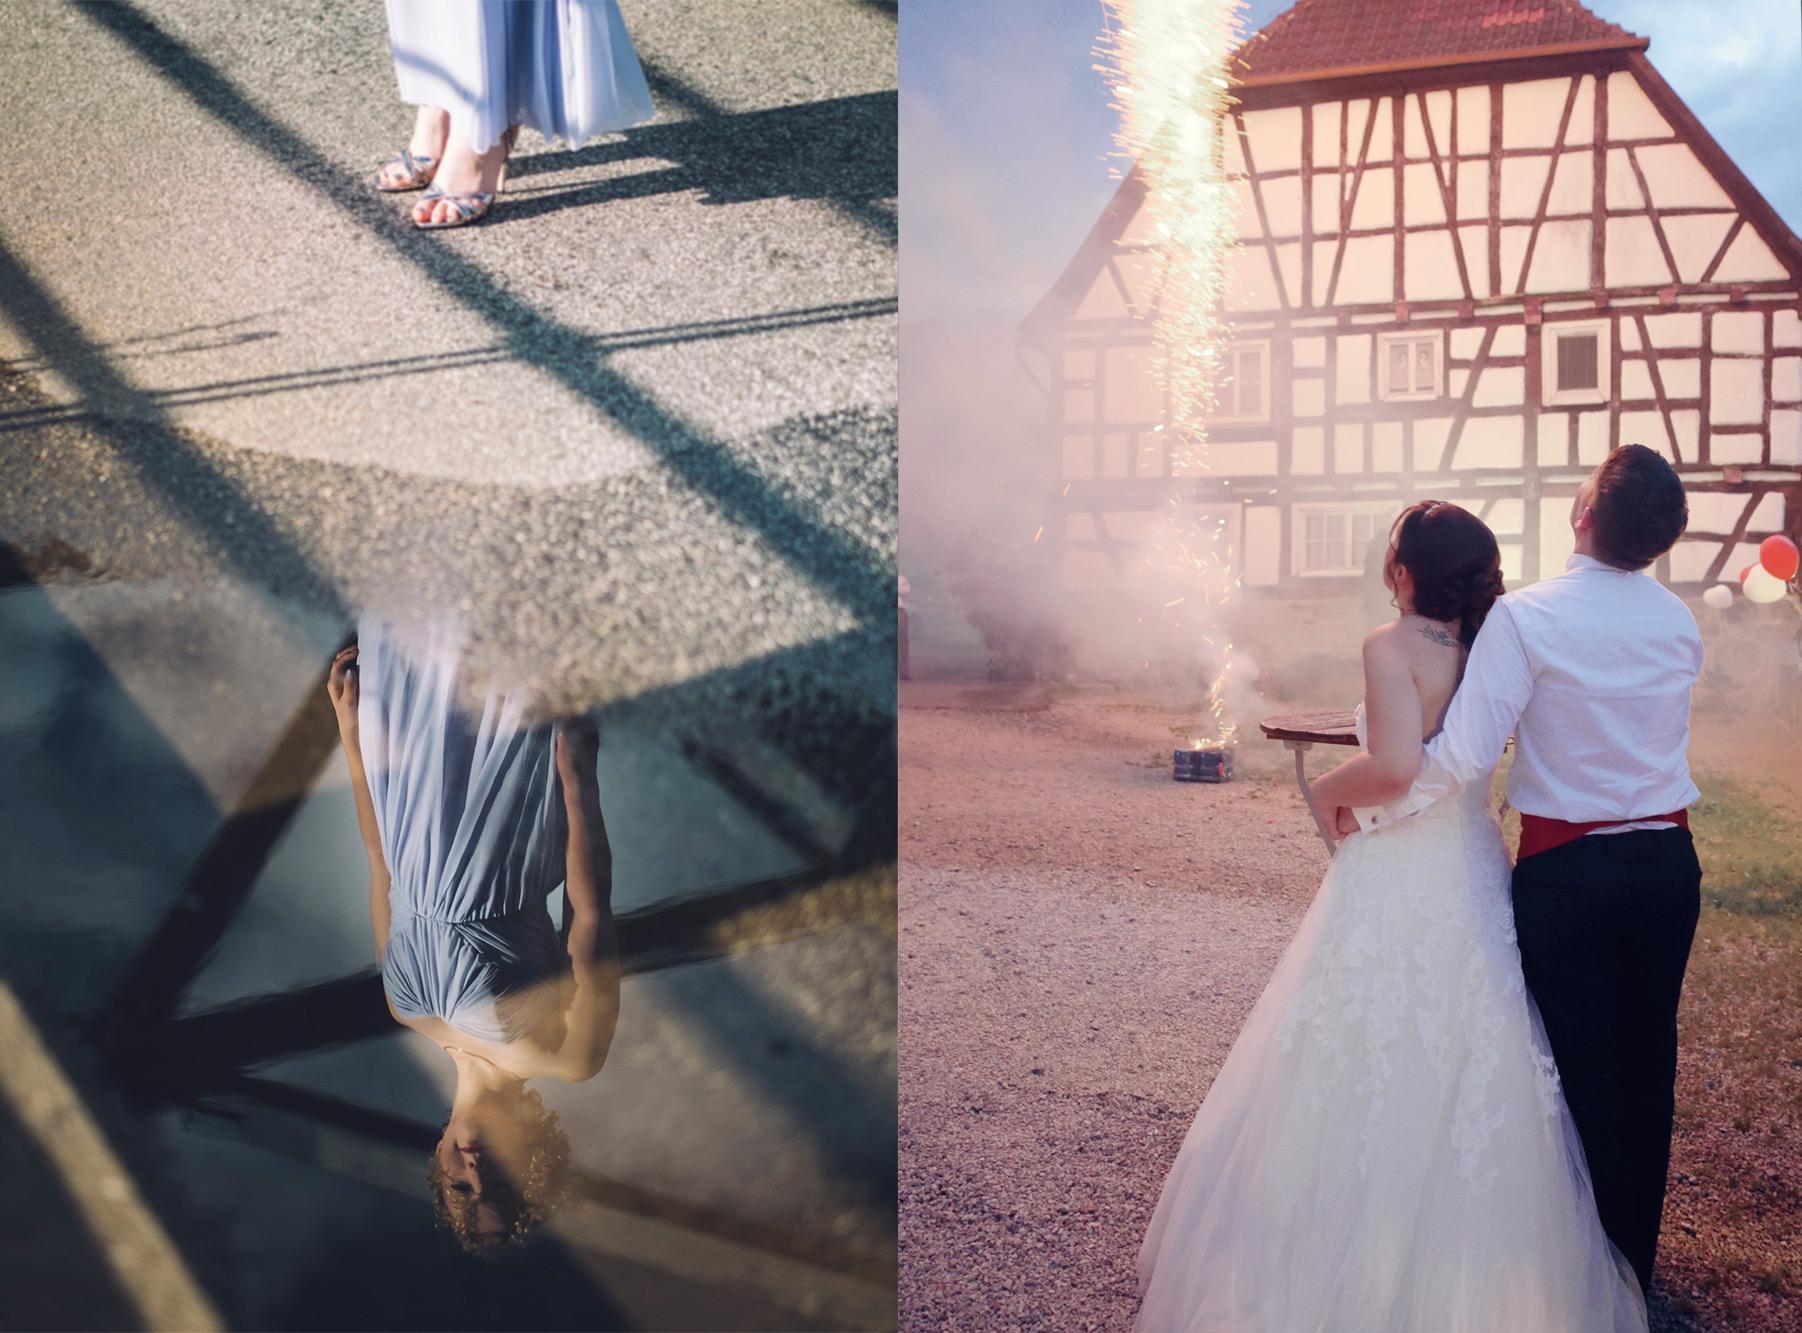 Minimalistisches Hochzeitsoutfit: Die Trauzeugin   A HUNGRY MIND